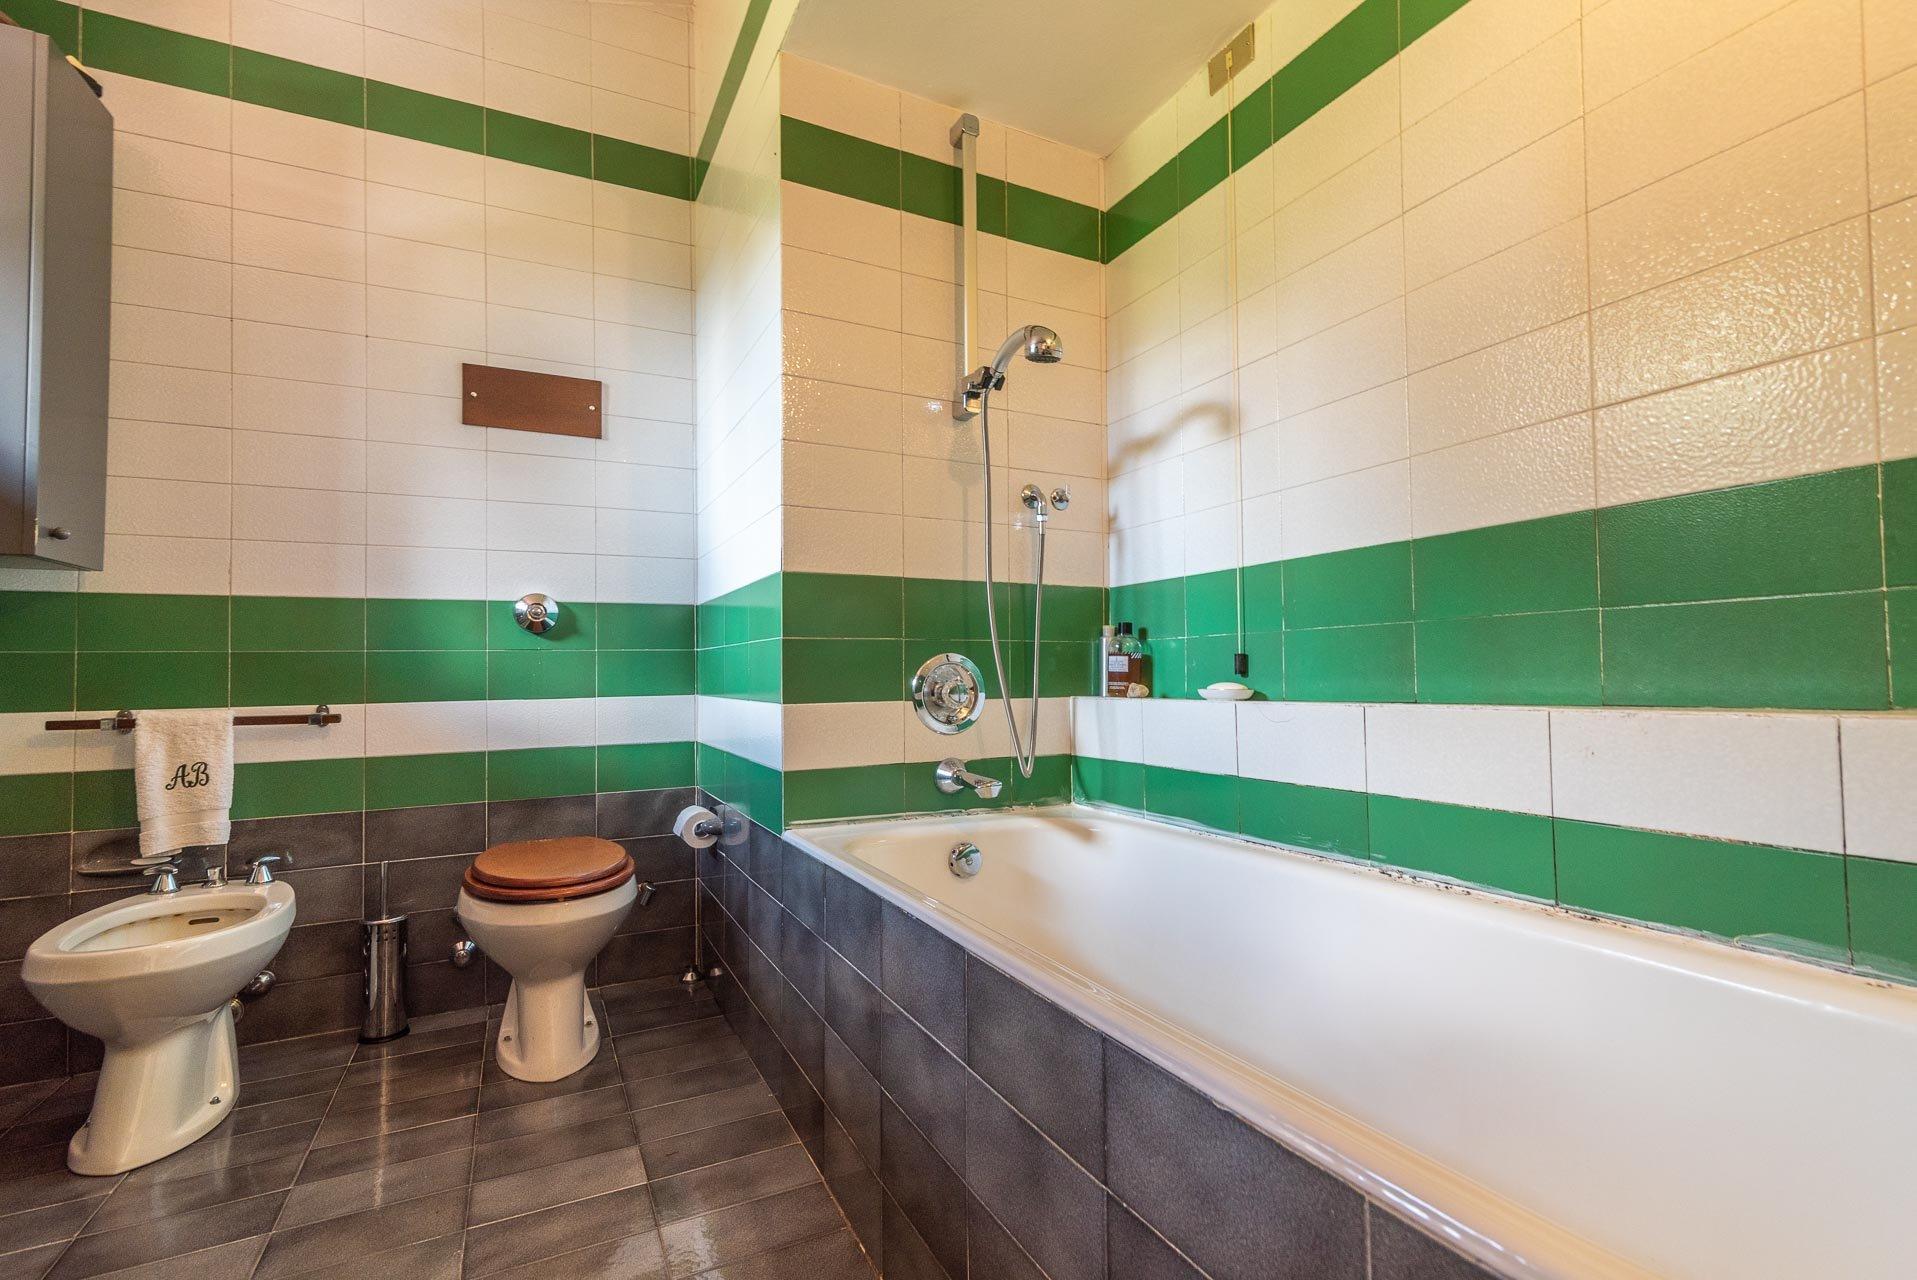 Villa con piscina in vendita a Gignese - bagno con vasca